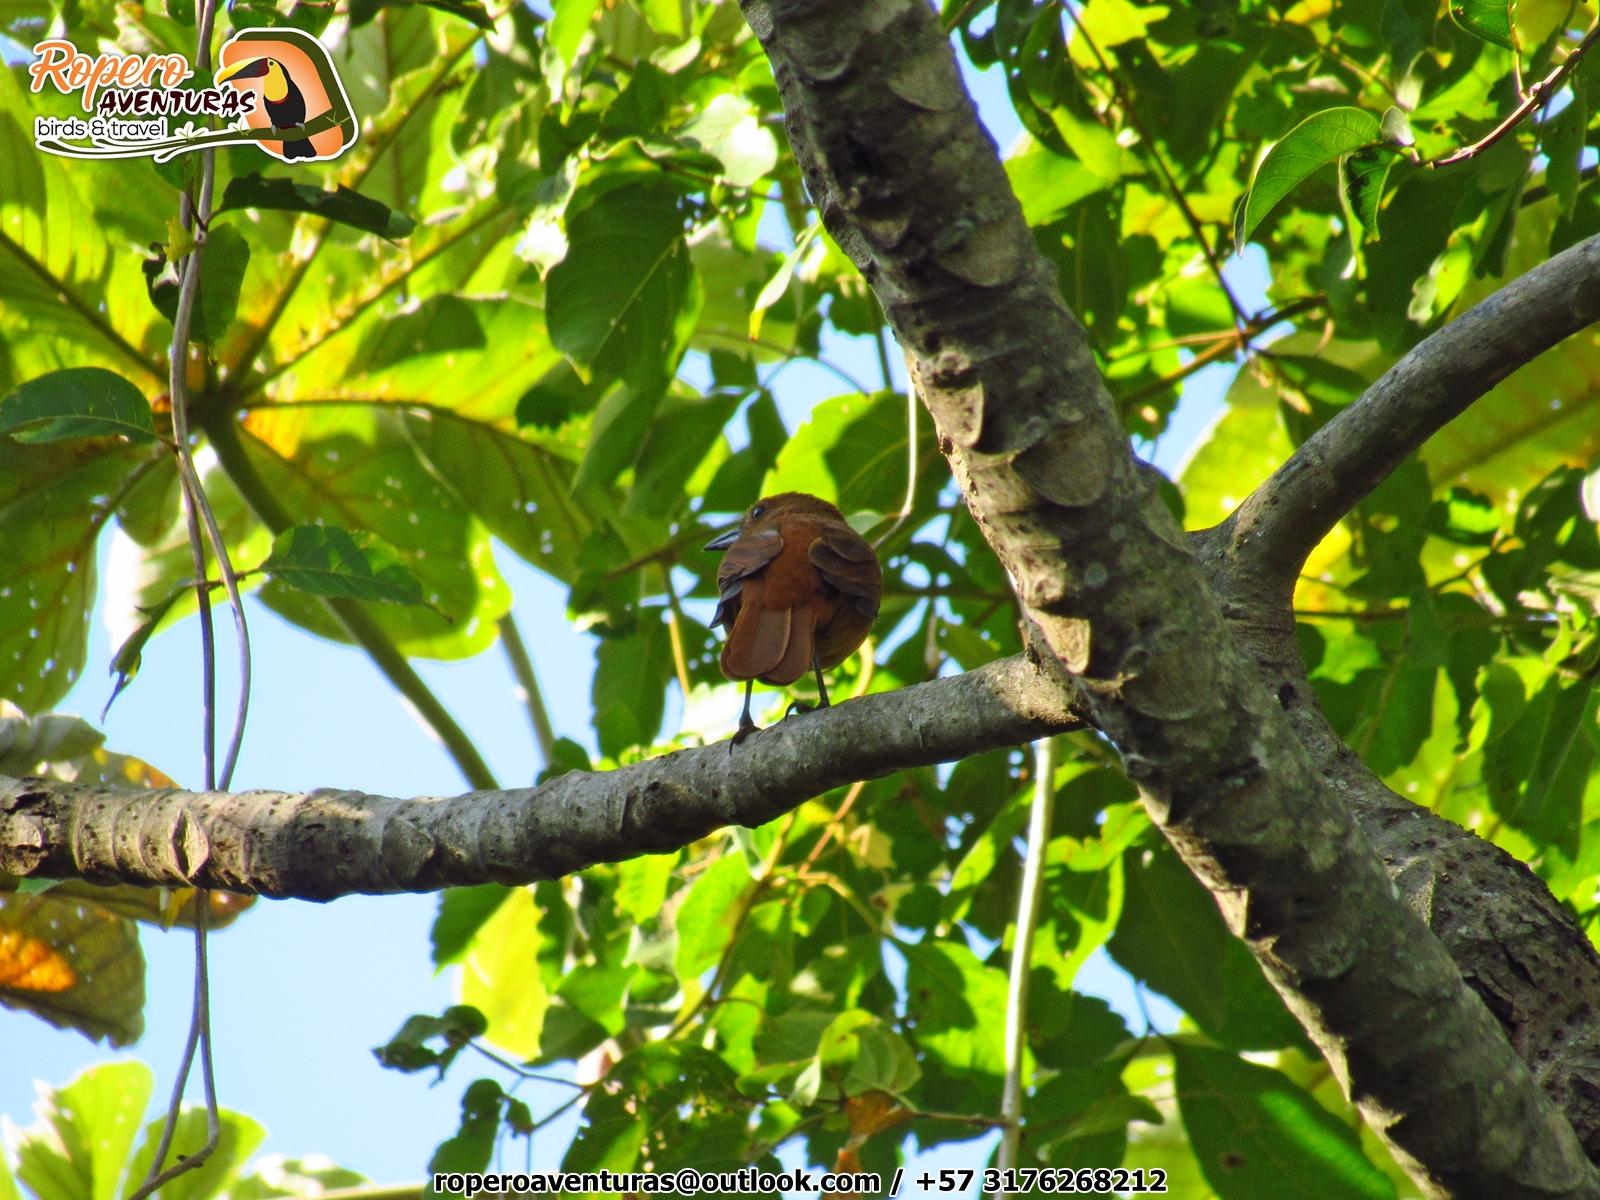 pajaro posado sobre una rama